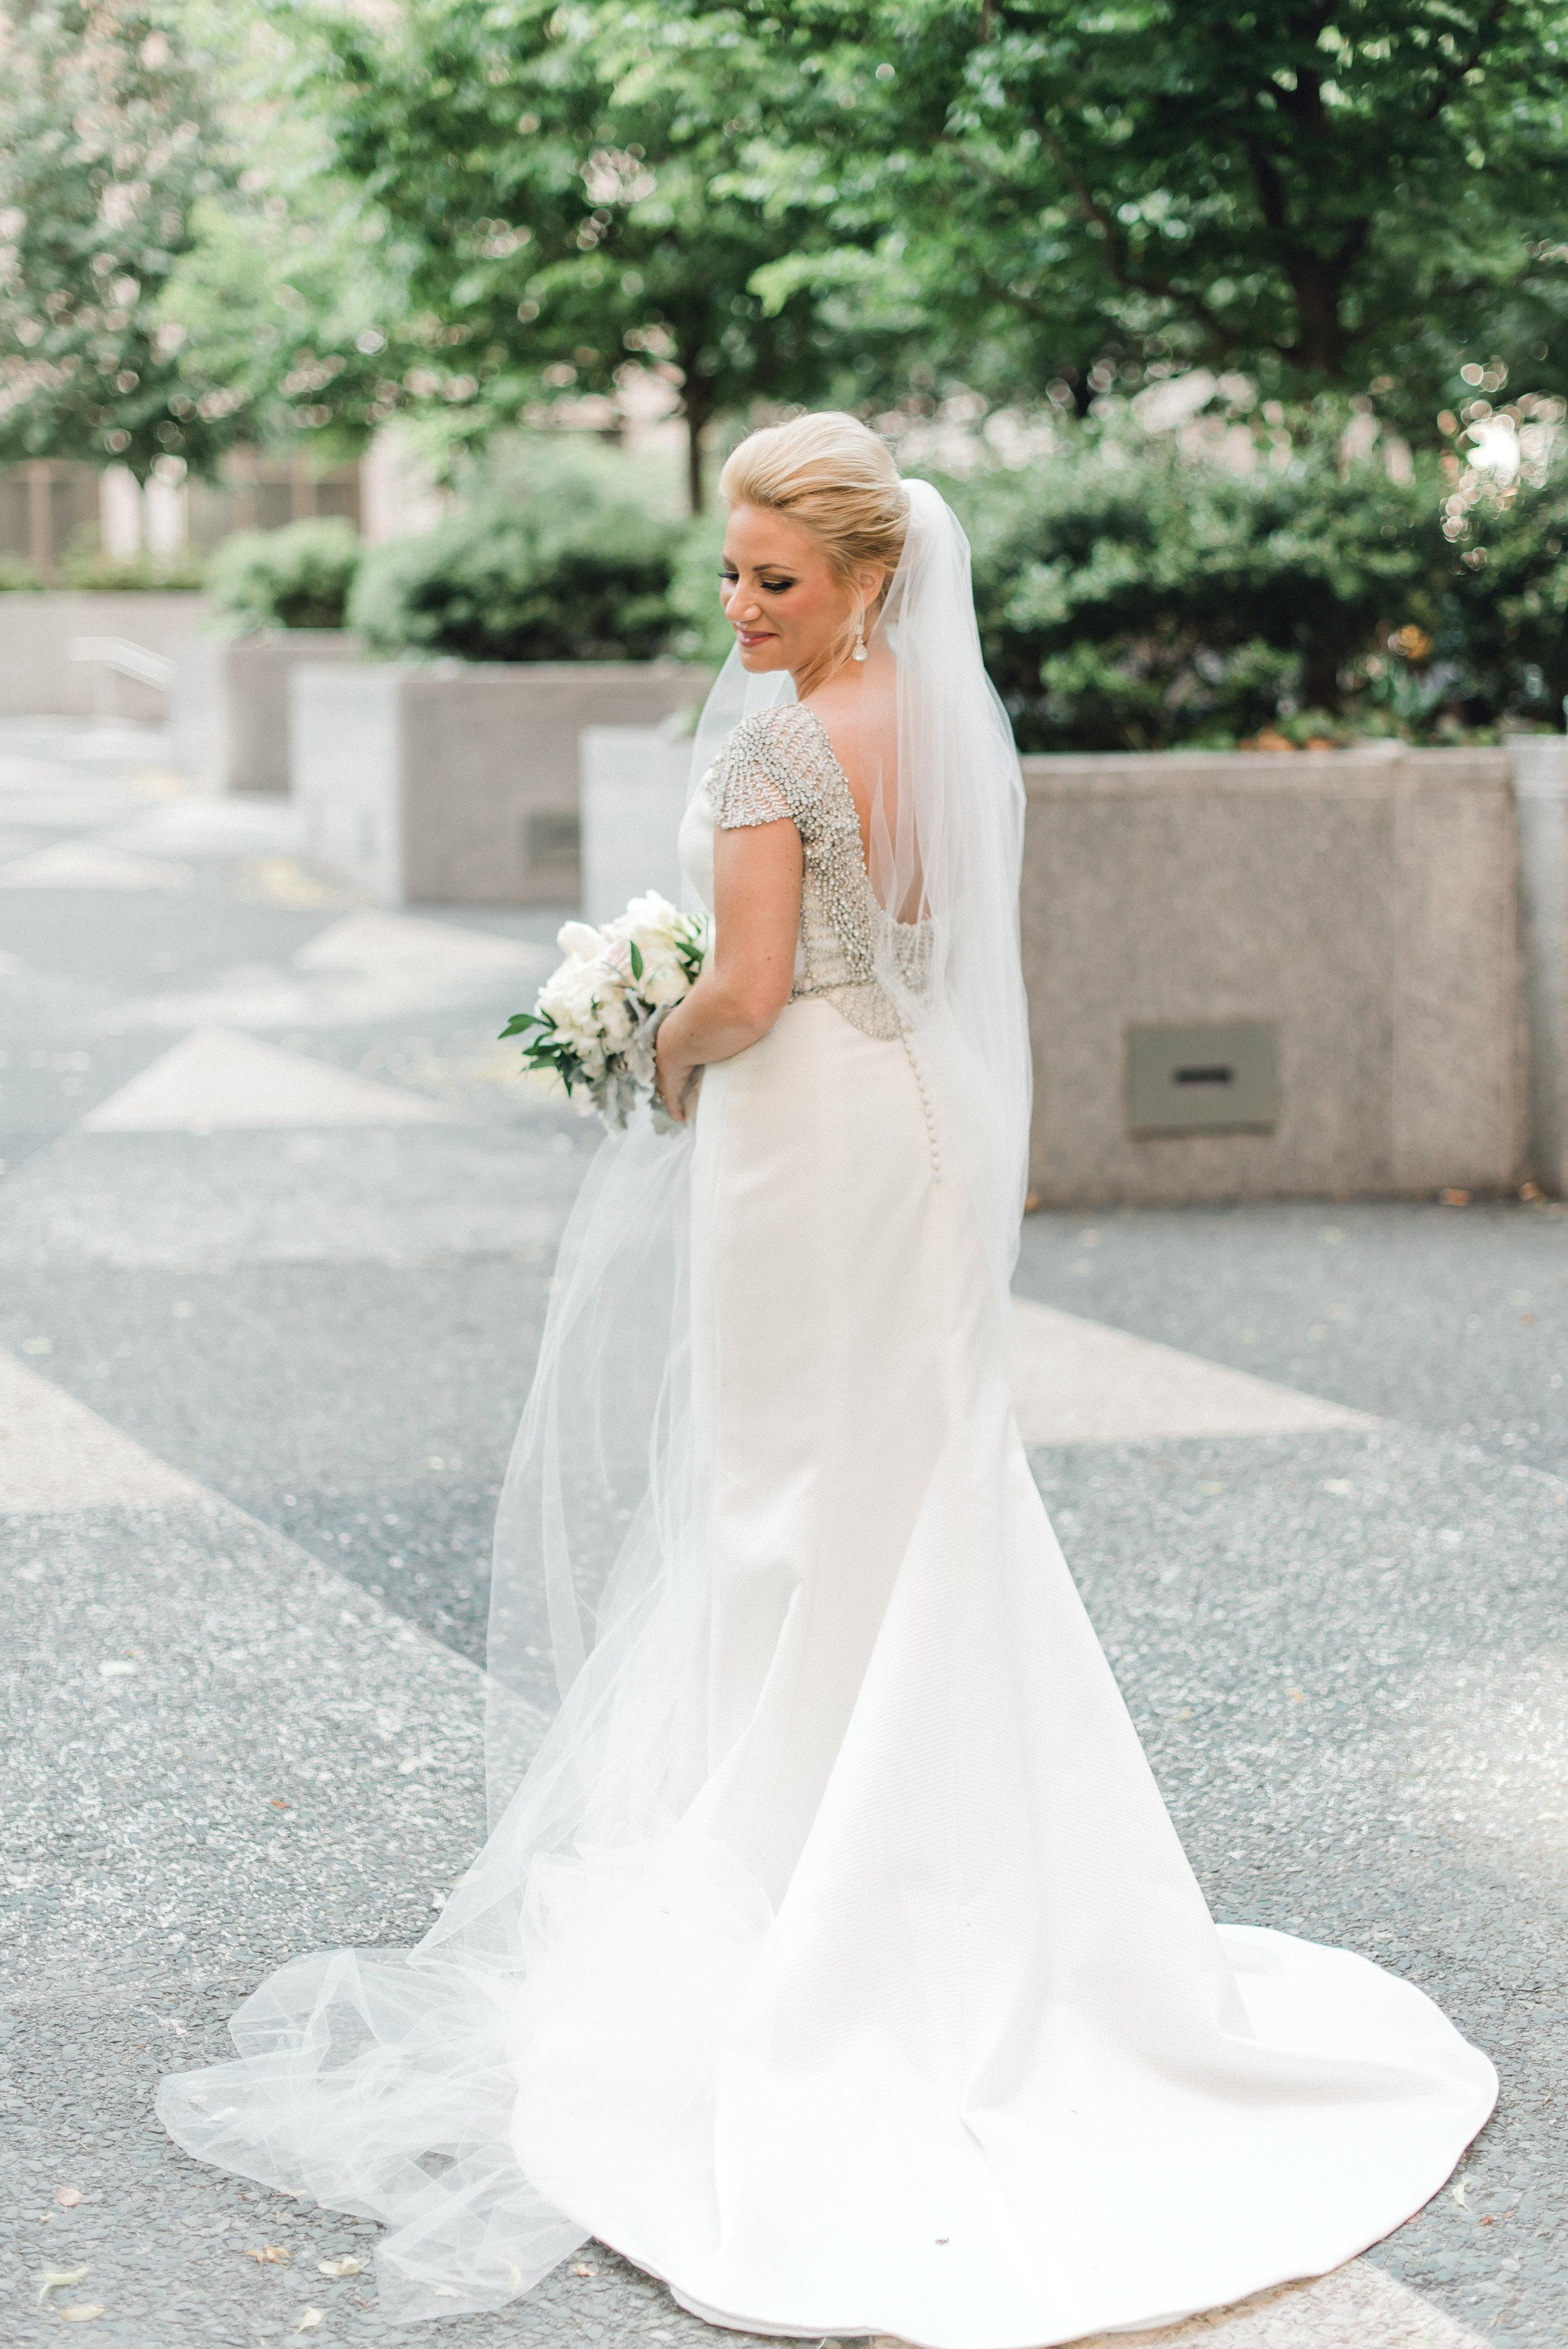 omni-william-penn-wedding-classic-chic-modern-photography-0029.jpg